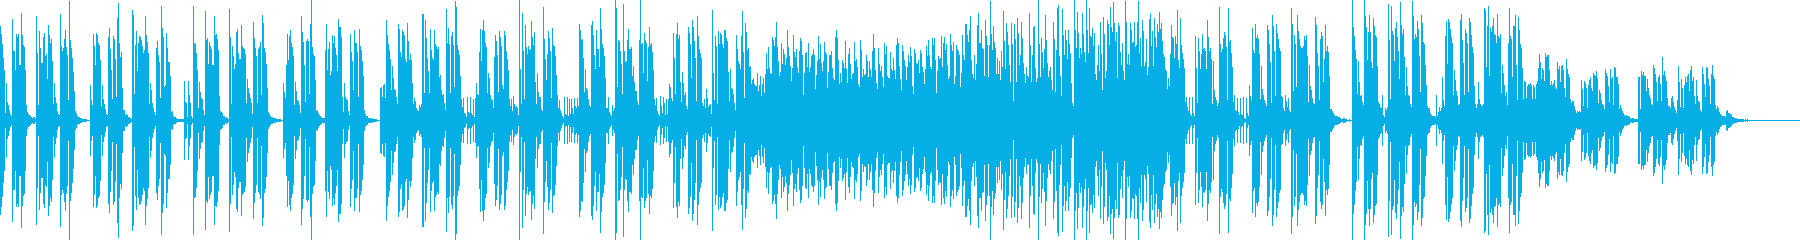 ★ほのぼのしたかわいいフューチャーベースの再生済みの波形